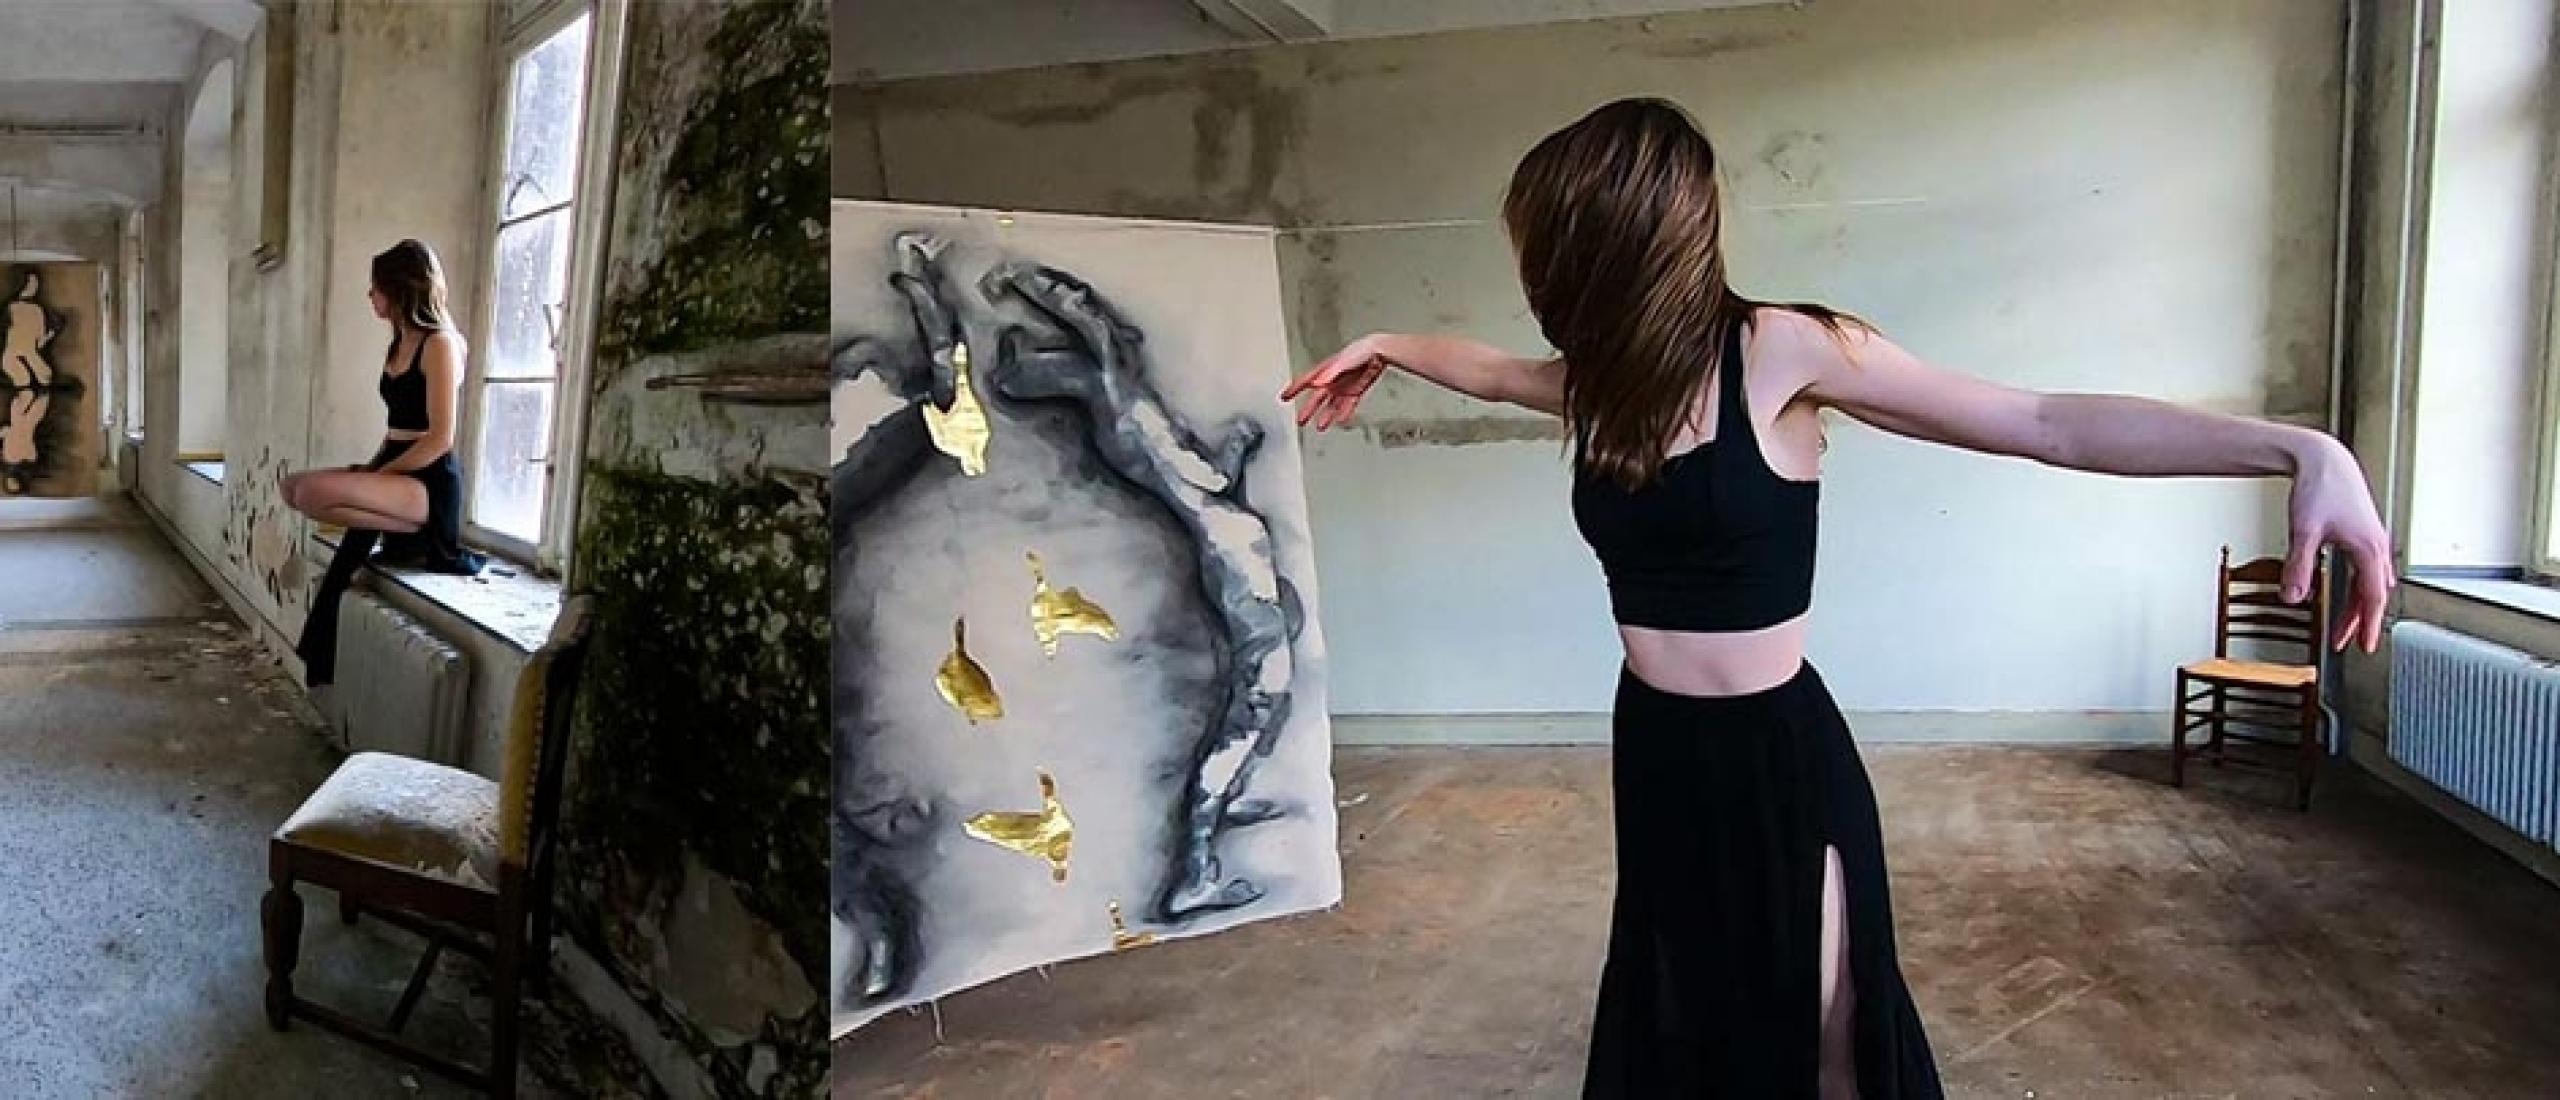 Fine art fotokunst & Eindexpositie kunstacademie Amanda van der Lugt